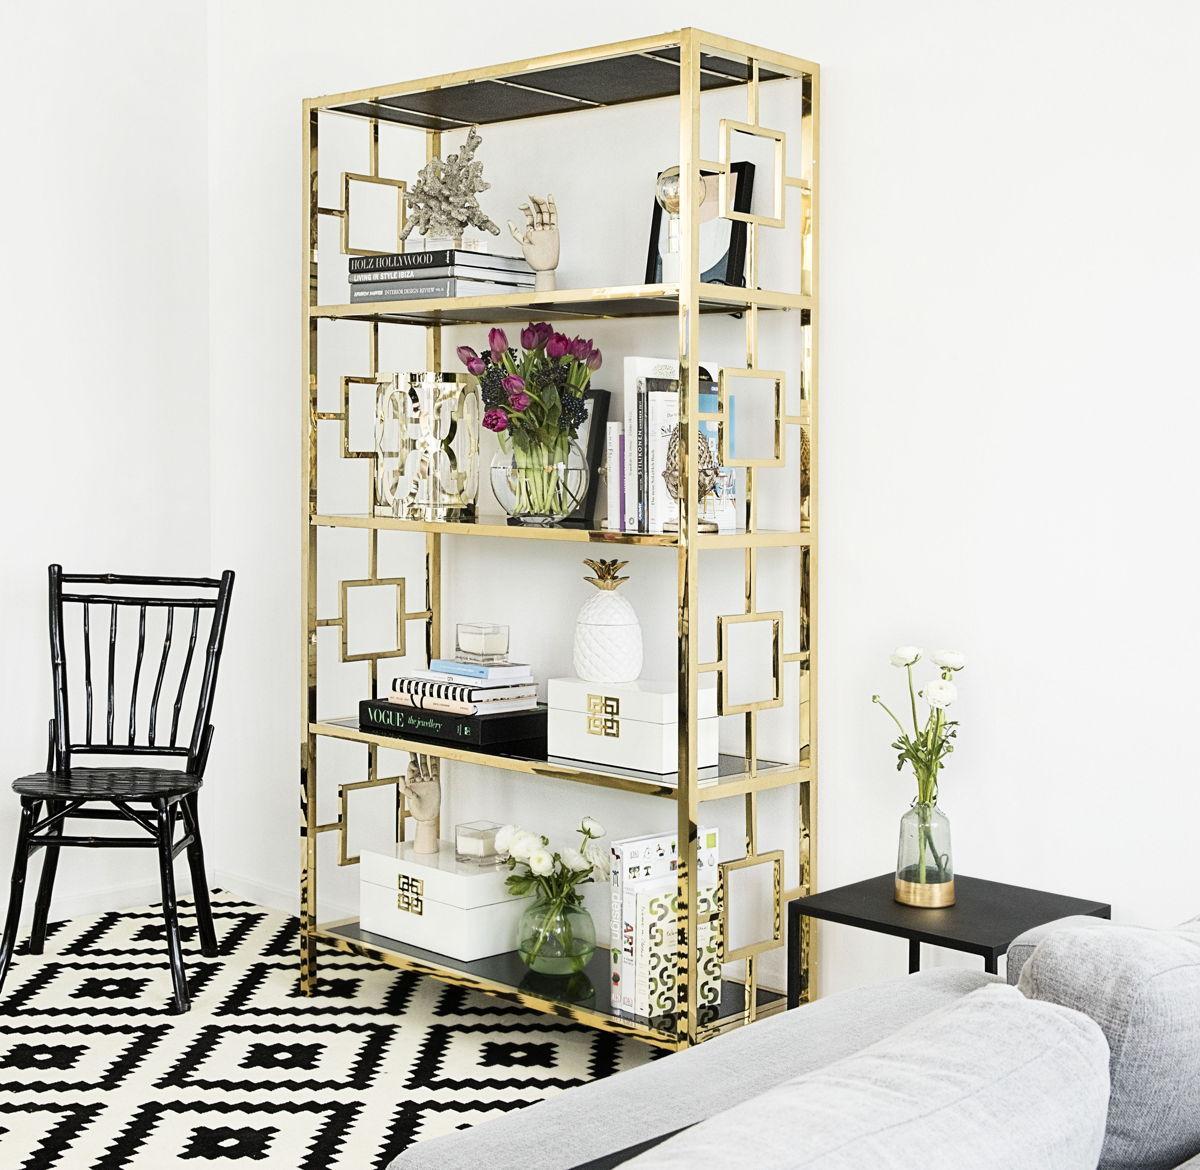 come fare per decorare una libreria da sogno dalani